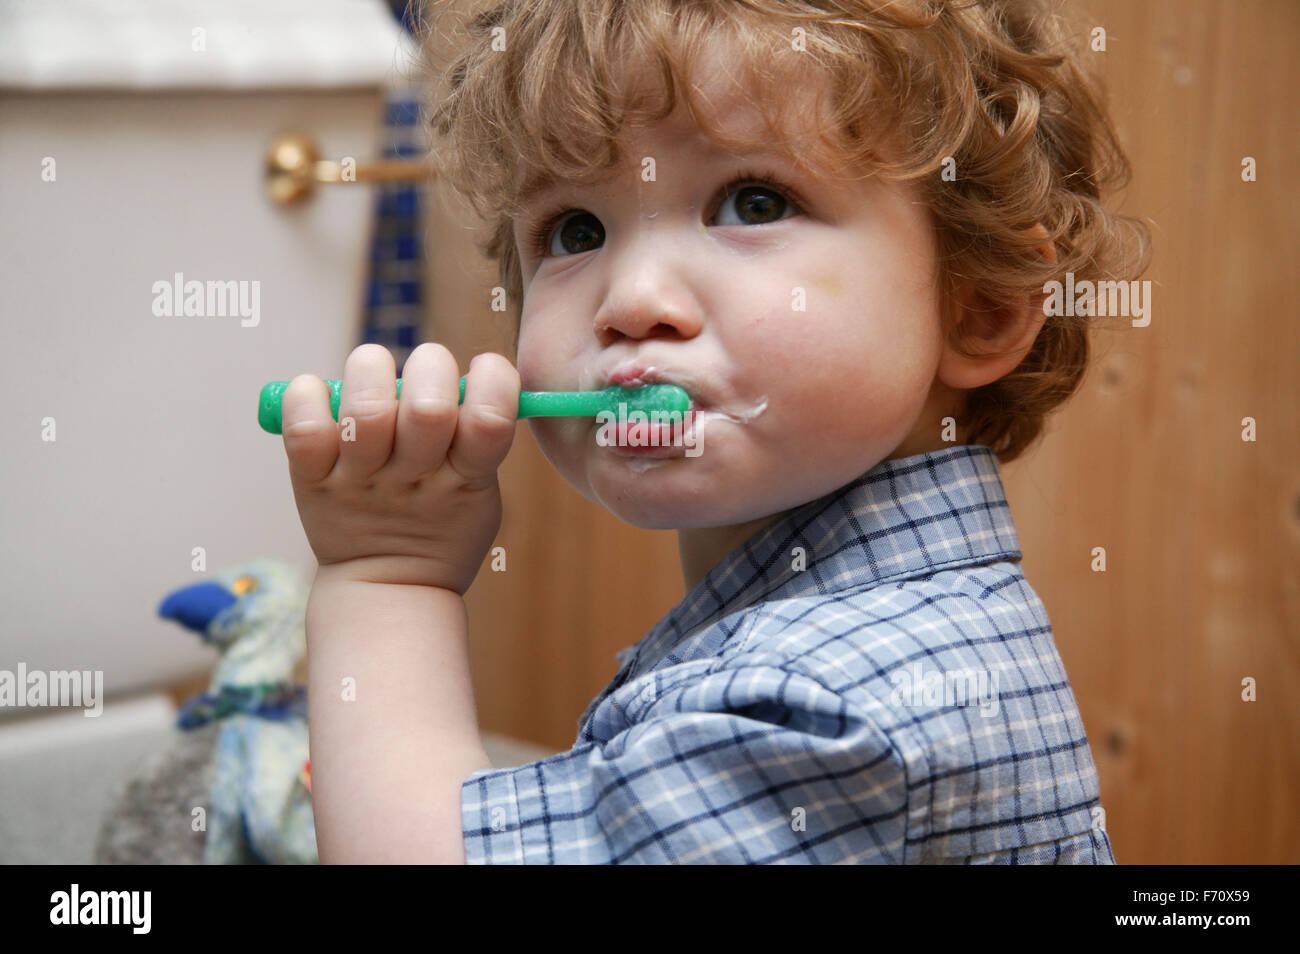 Bébé garçon apprendre à nettoyer ses propres dents, Photo Stock